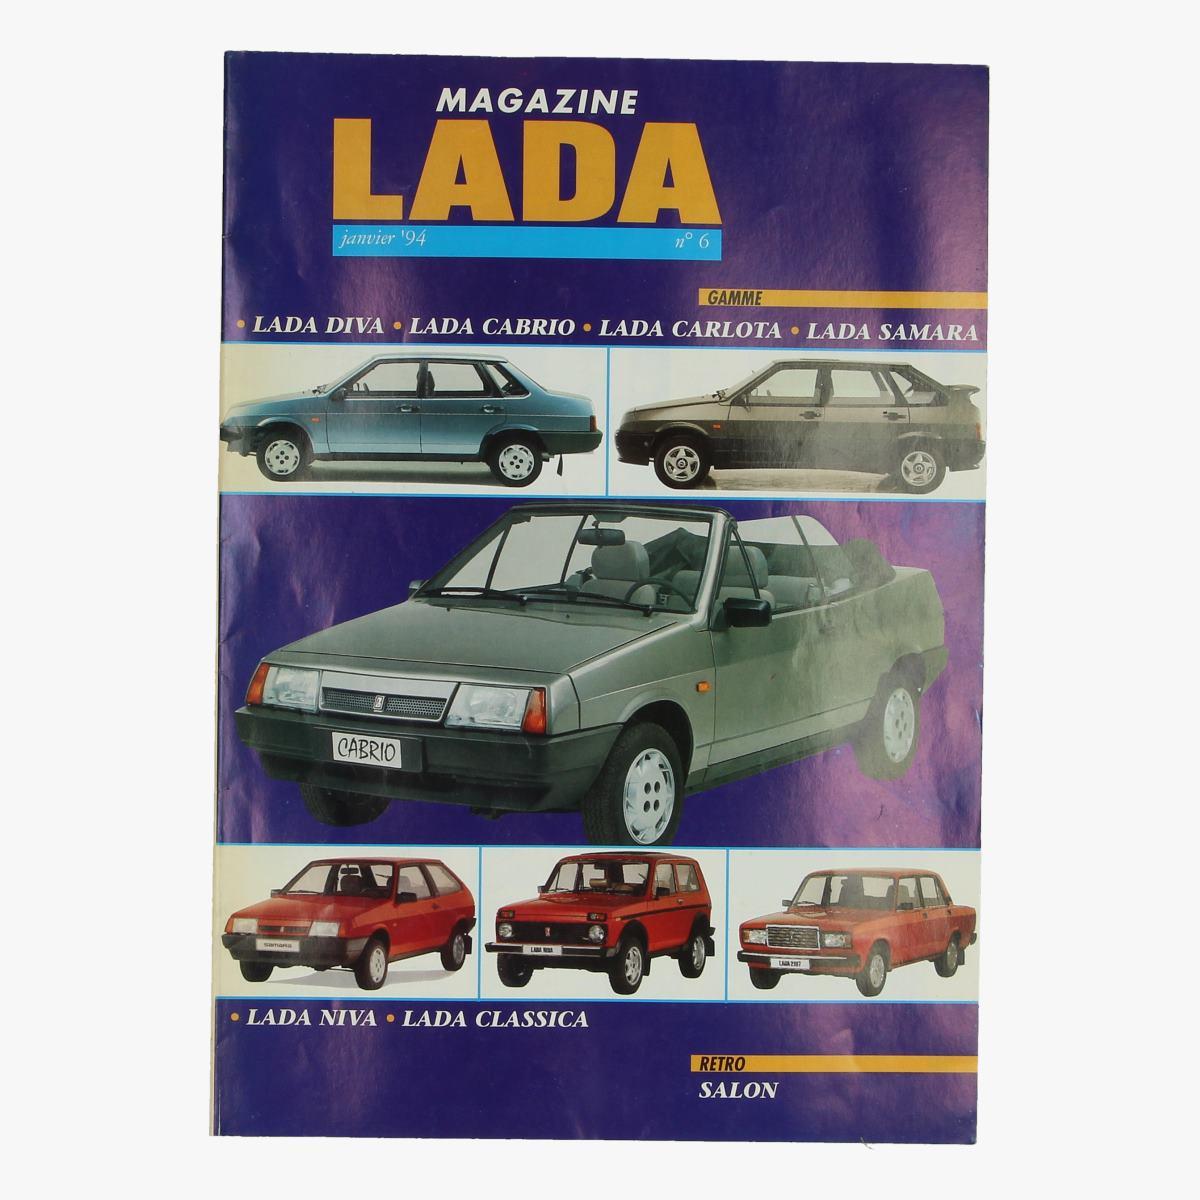 Afbeeldingen van magazine lada n°6 jan 1994